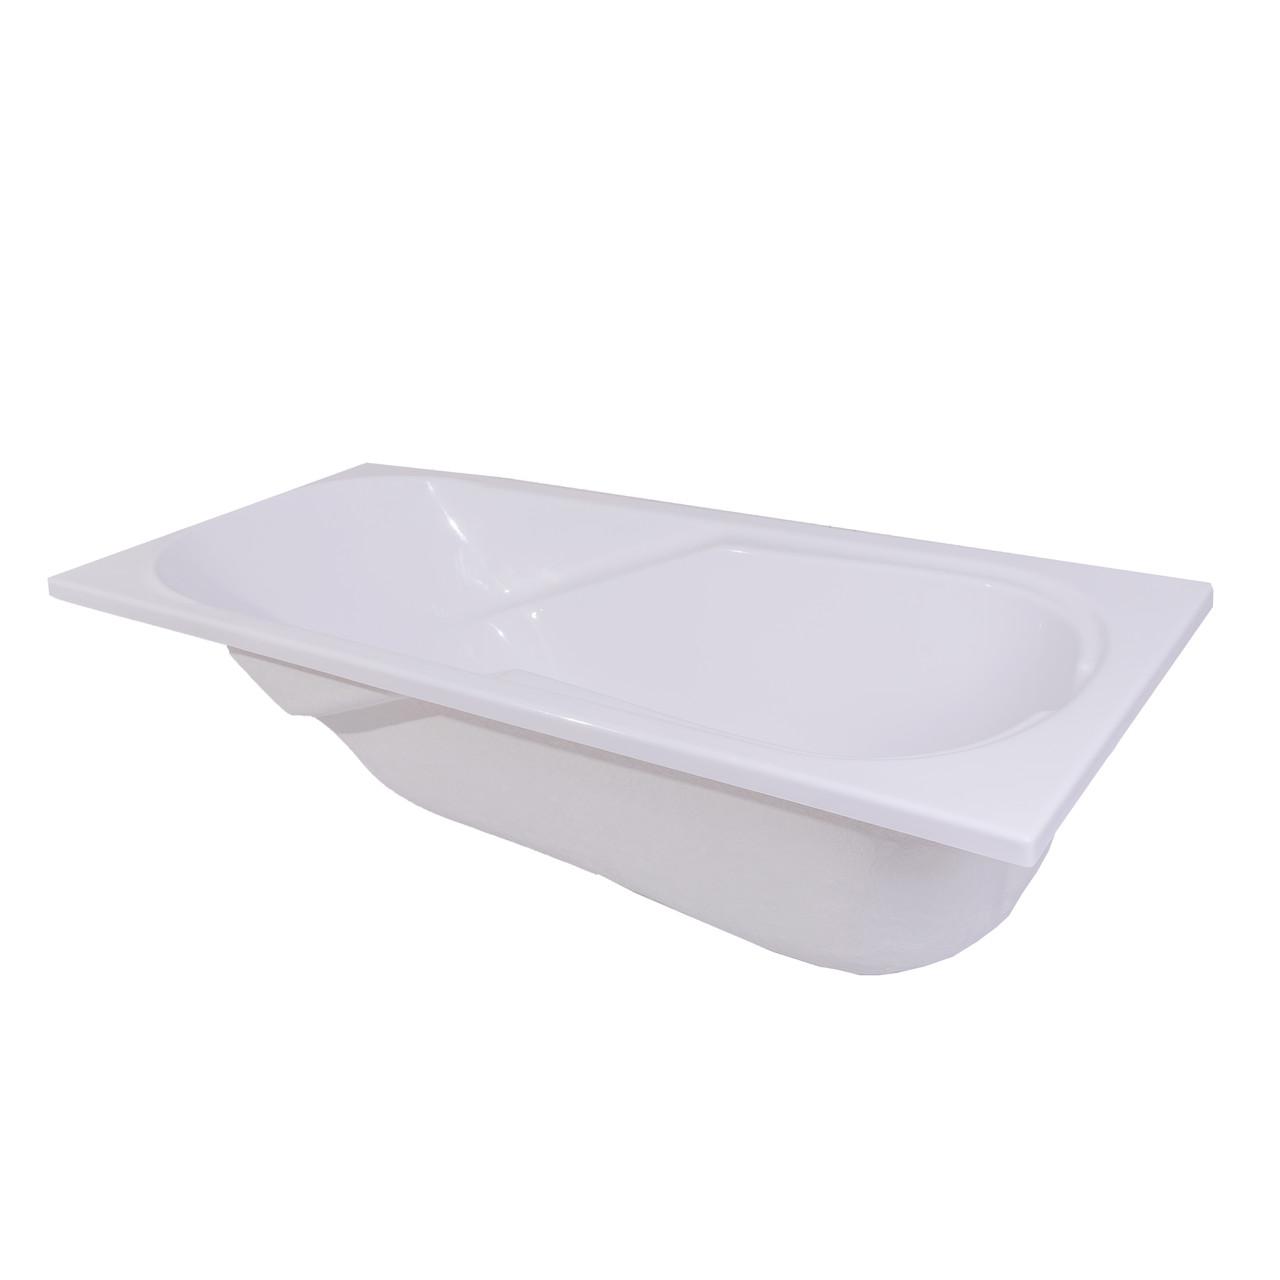 Акриловая ванна Diora 180*80 см